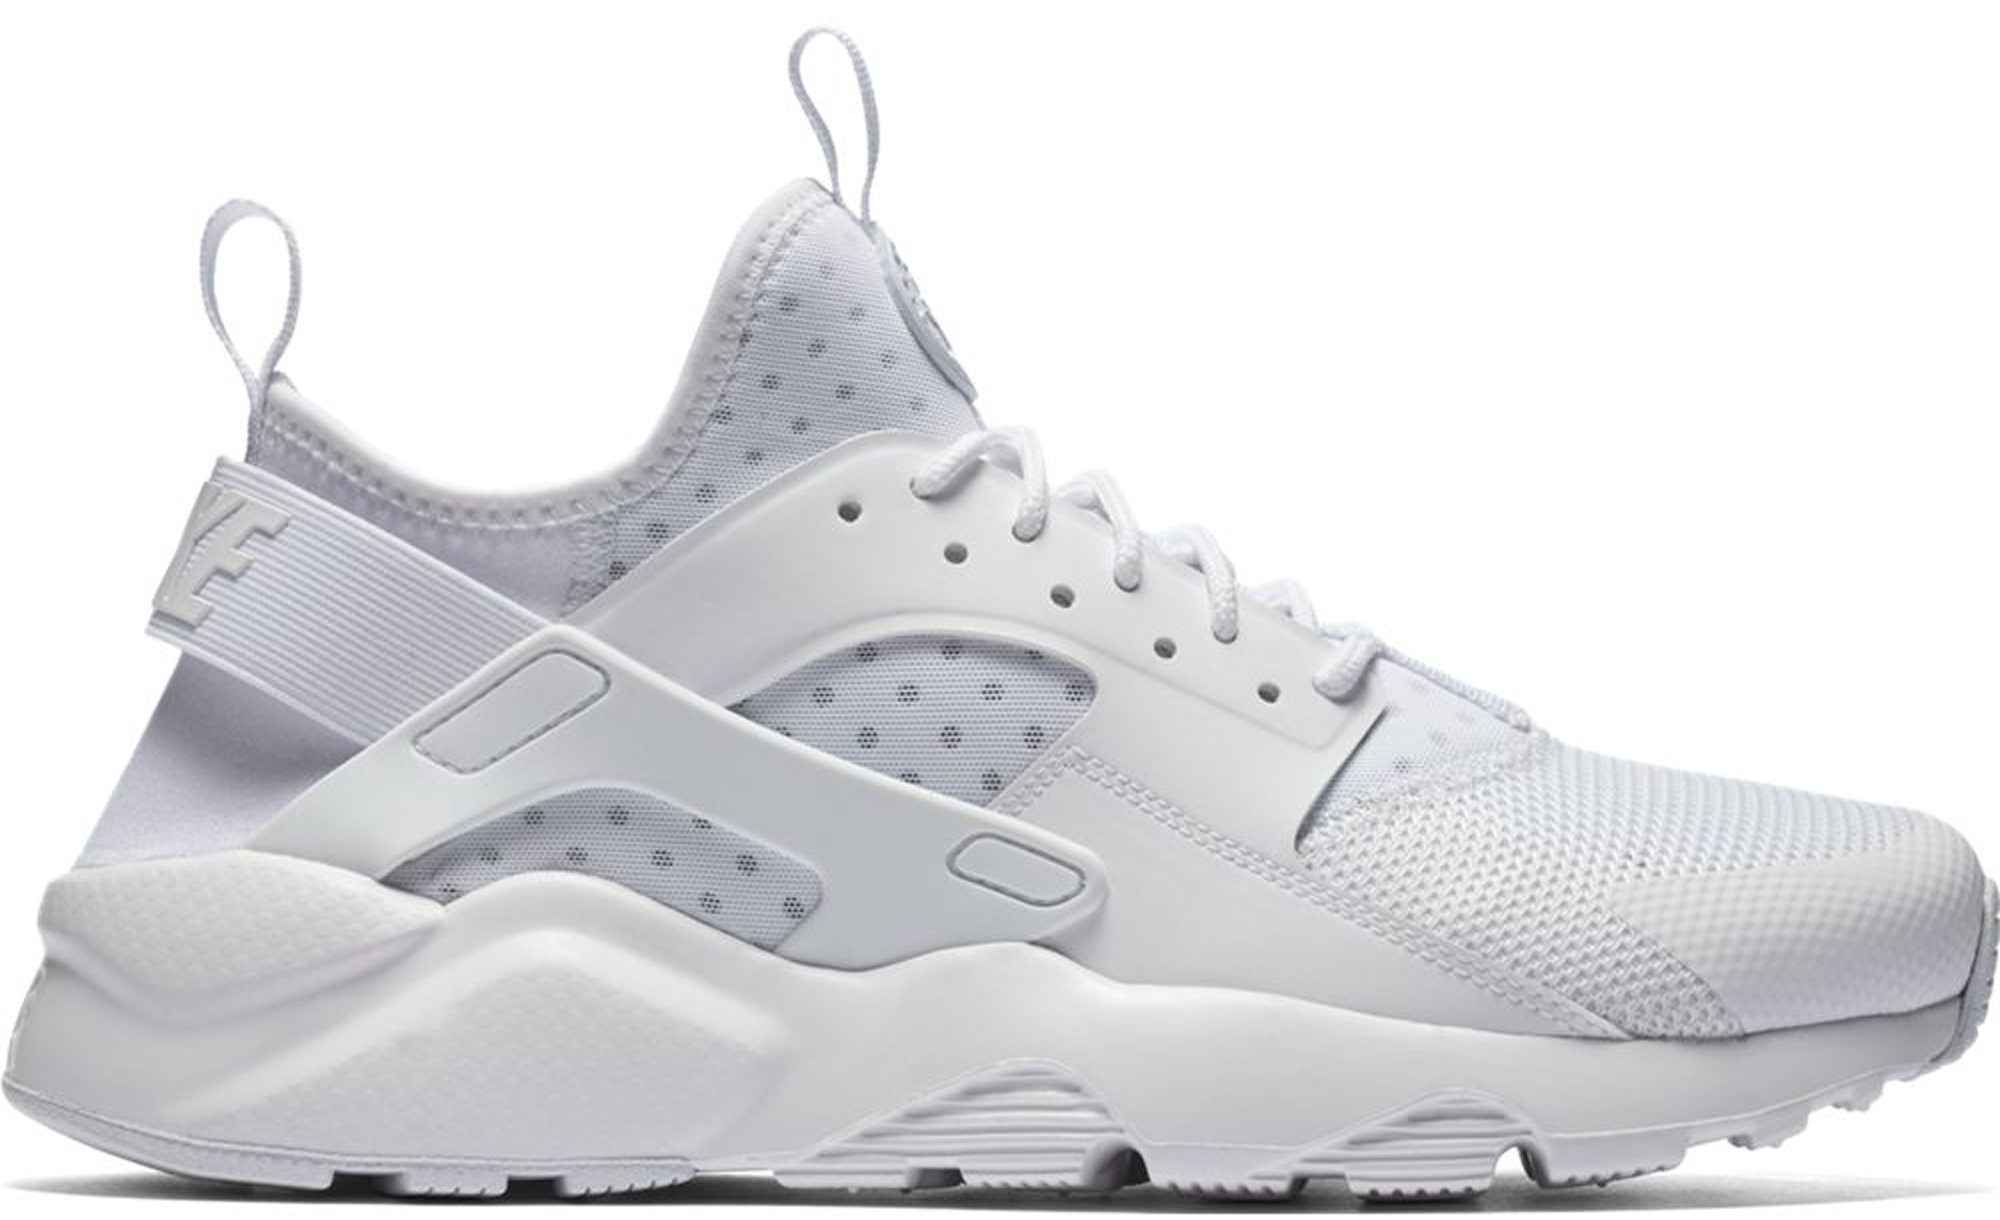 Nike Air Huarache Run Ultra White (2017